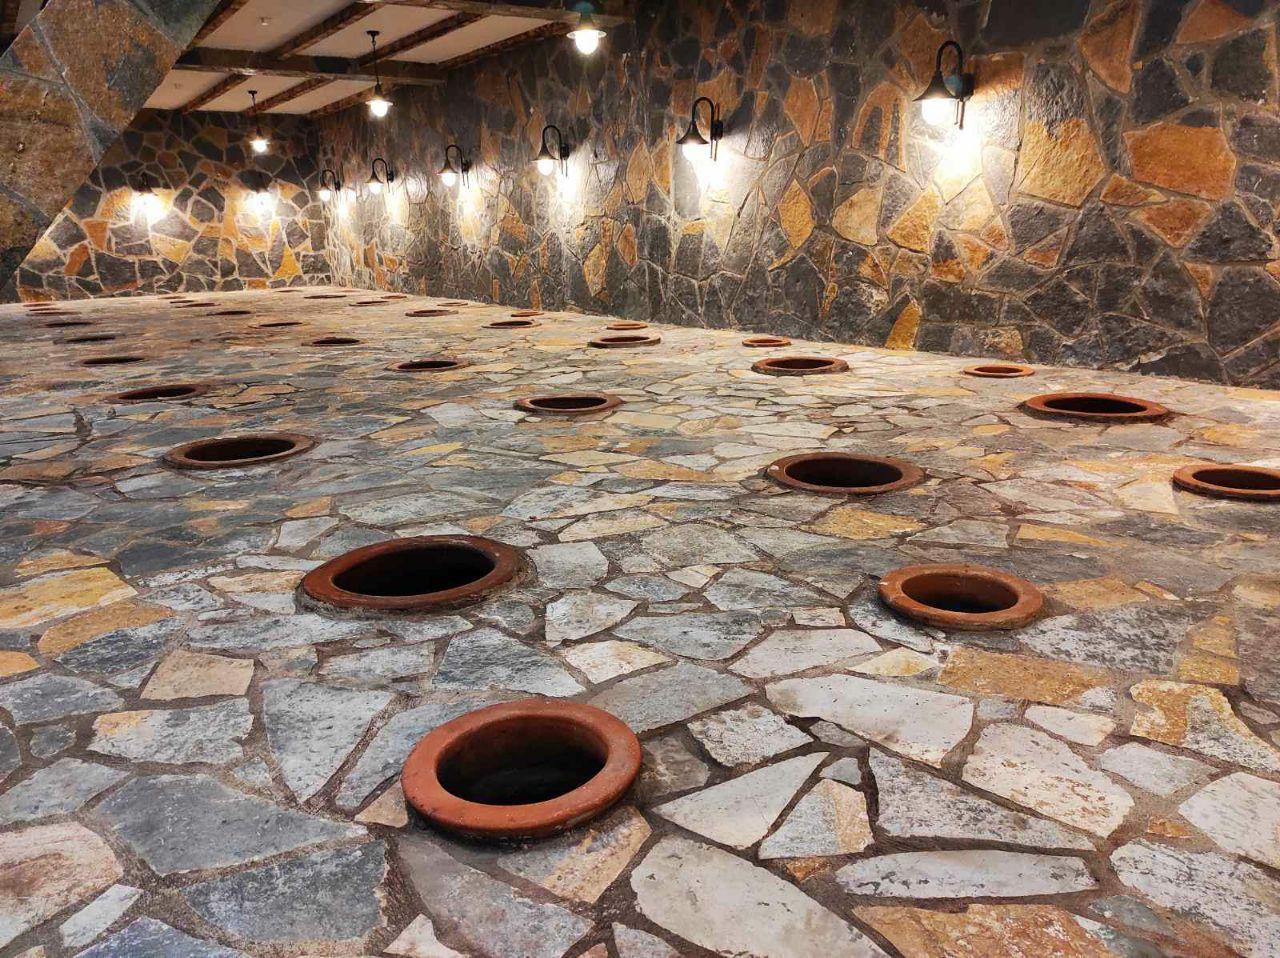 Georgian method of producing winre in underground amphorae